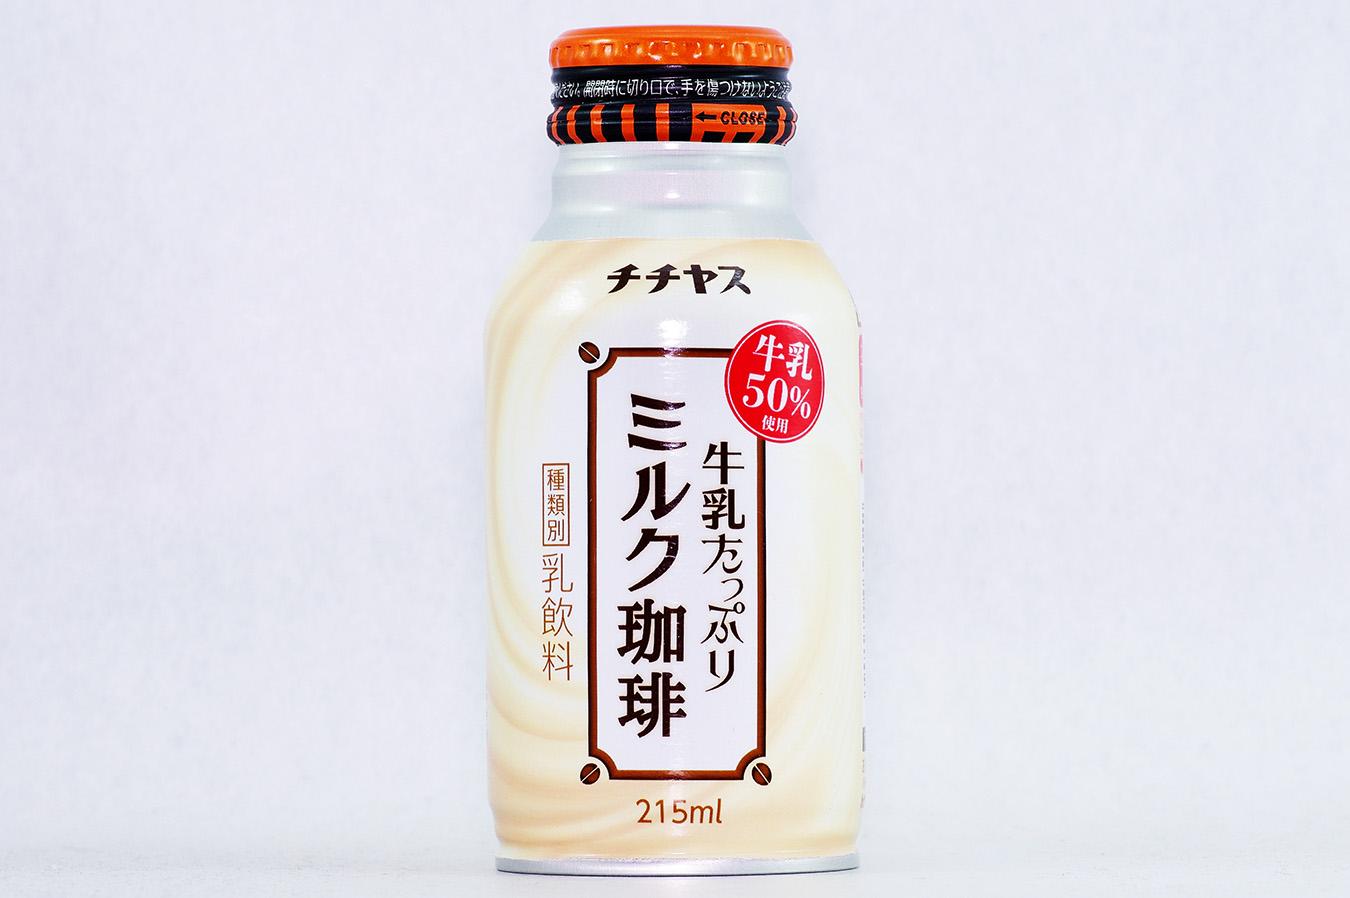 チチヤス 牛乳たっぷりミルク珈琲 2016年